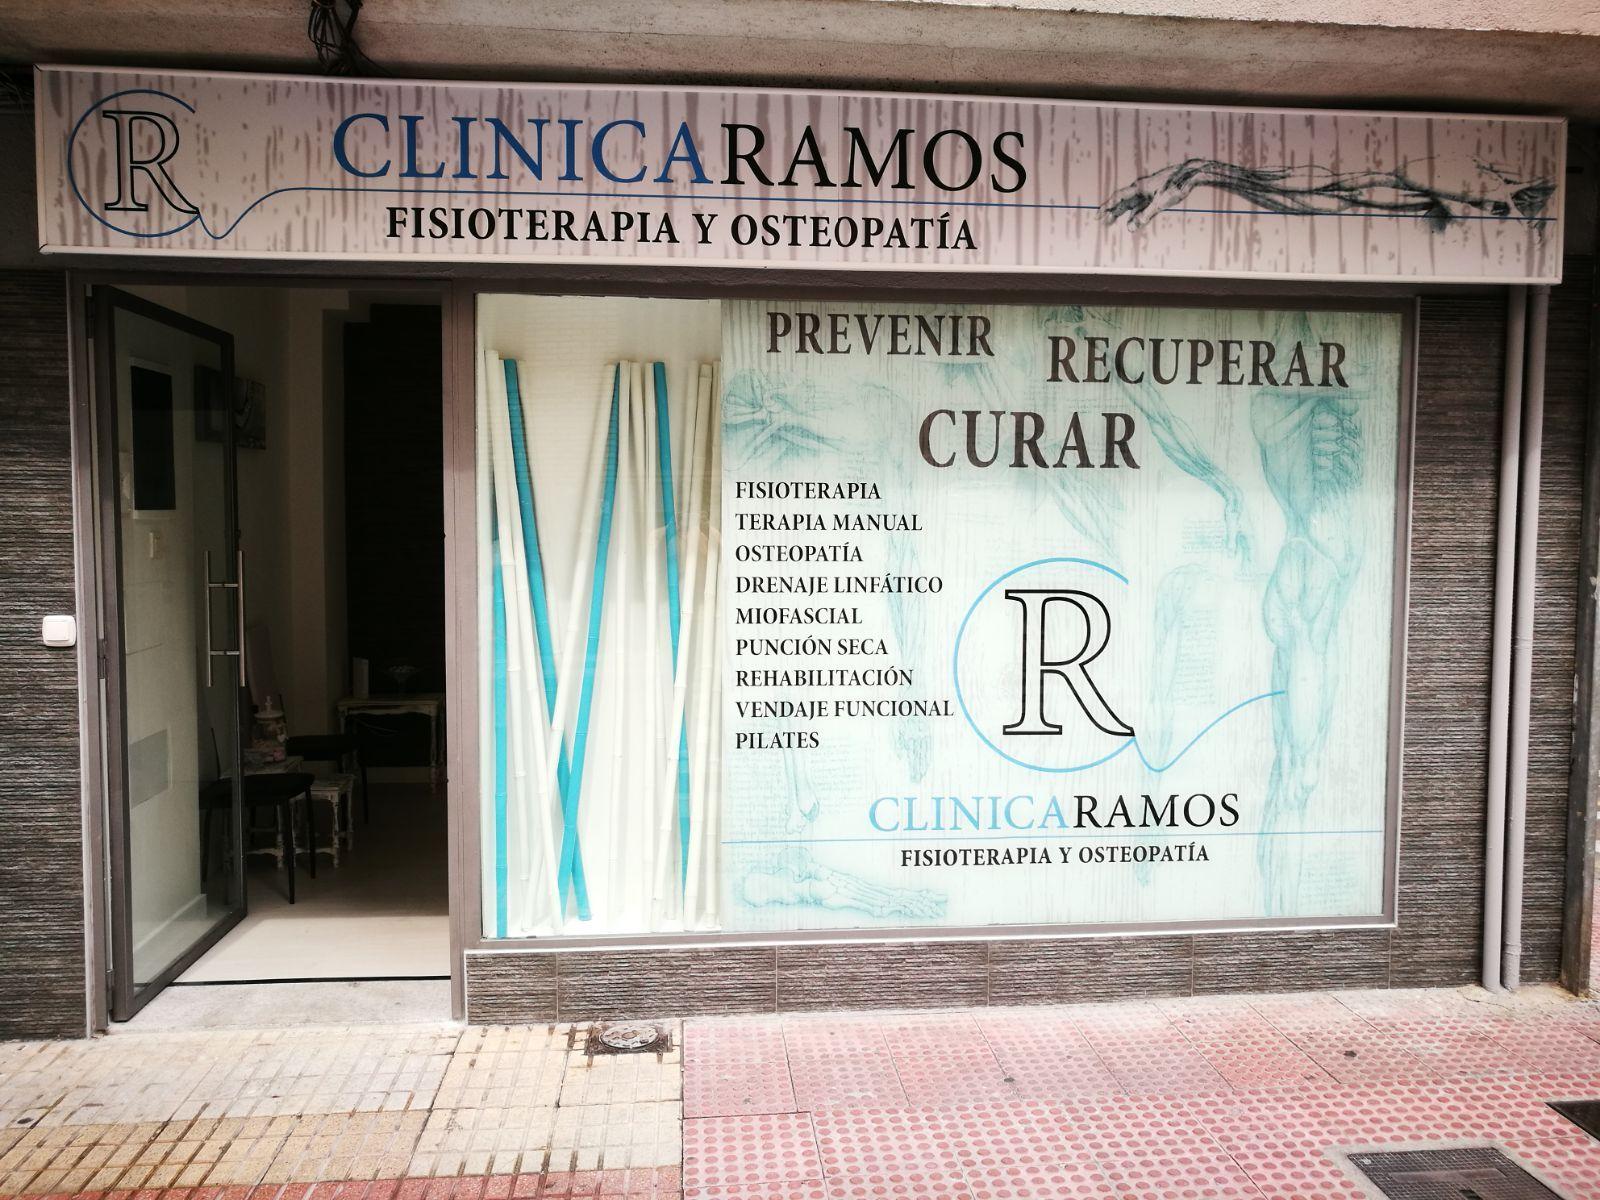 Fisioterapia y osteopatía en Salamanca